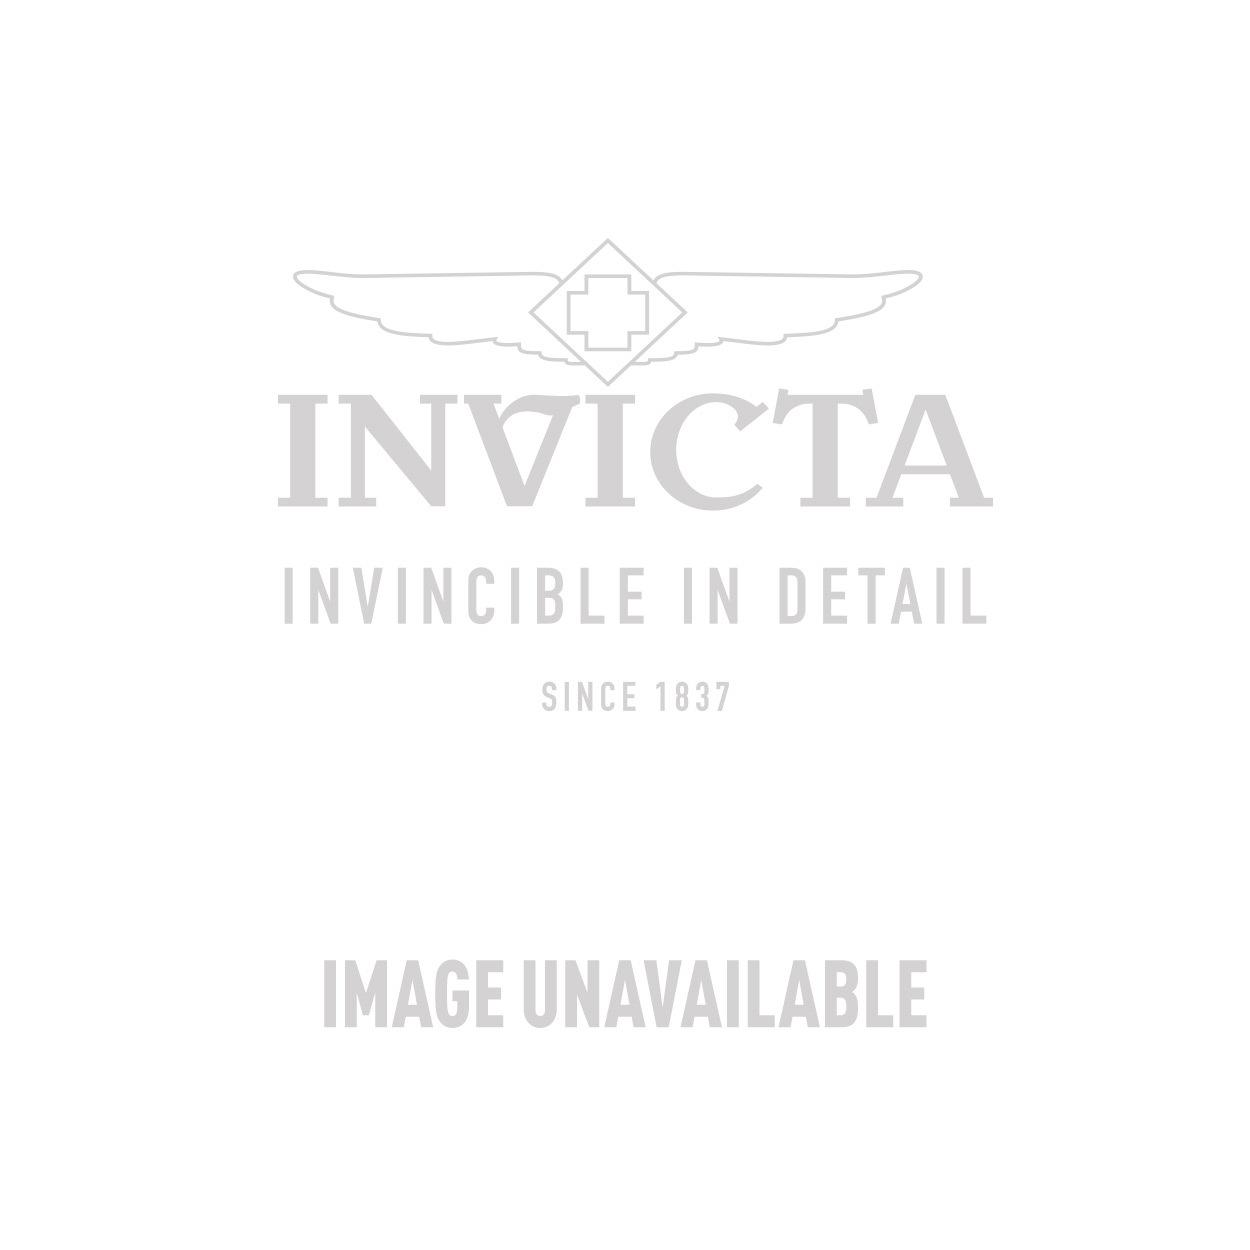 Invicta Model 16290